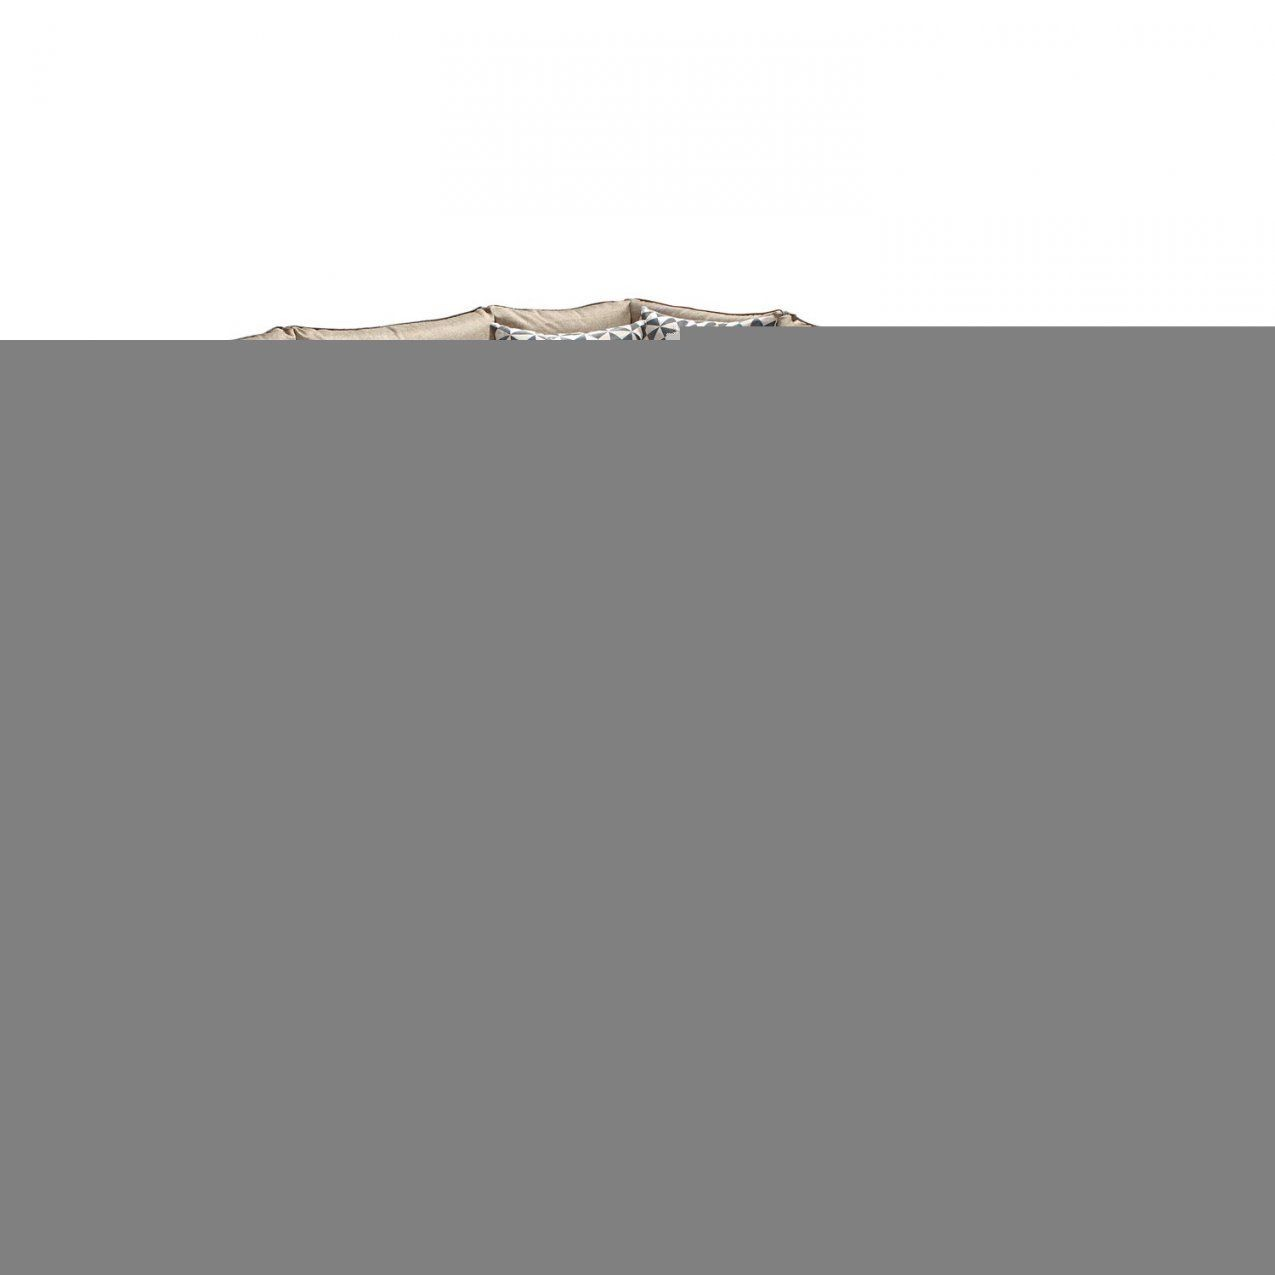 Obi Loungegruppe Brogan 5Tlg Ash Mit Quadratischem Tisch Kaufen von Tisch Selber Bauen Obi Bild